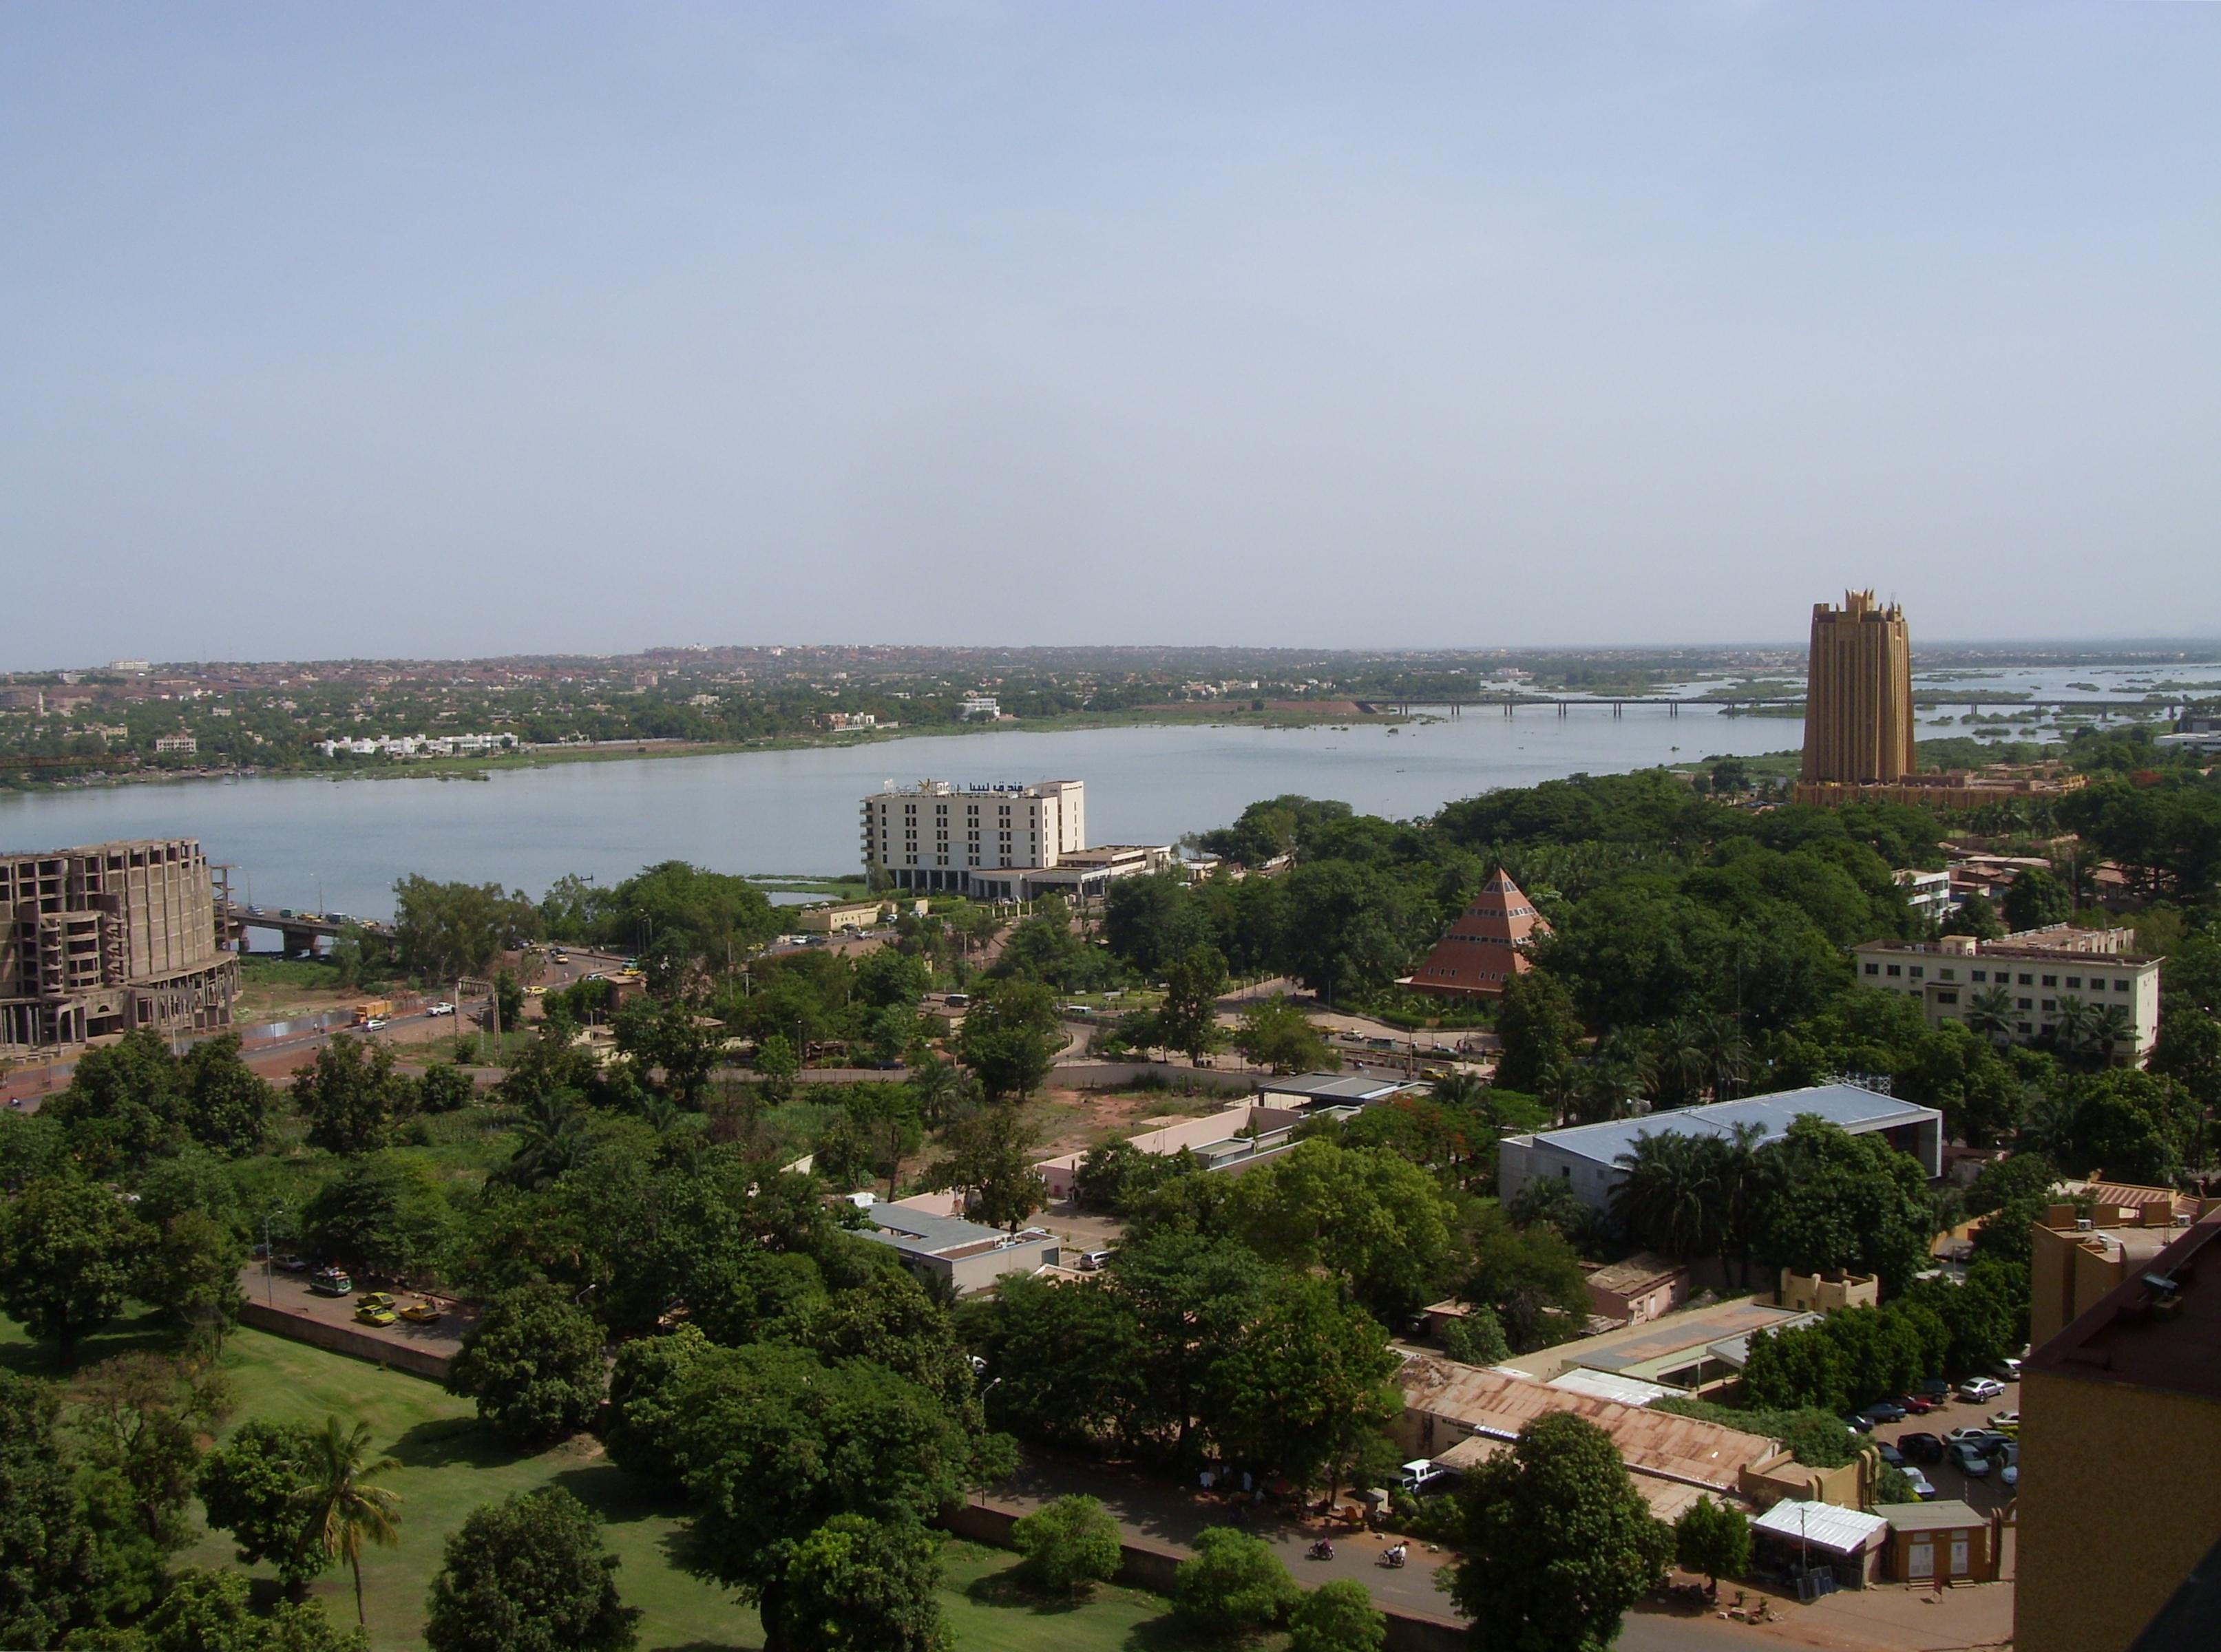 Depiction of Bamako